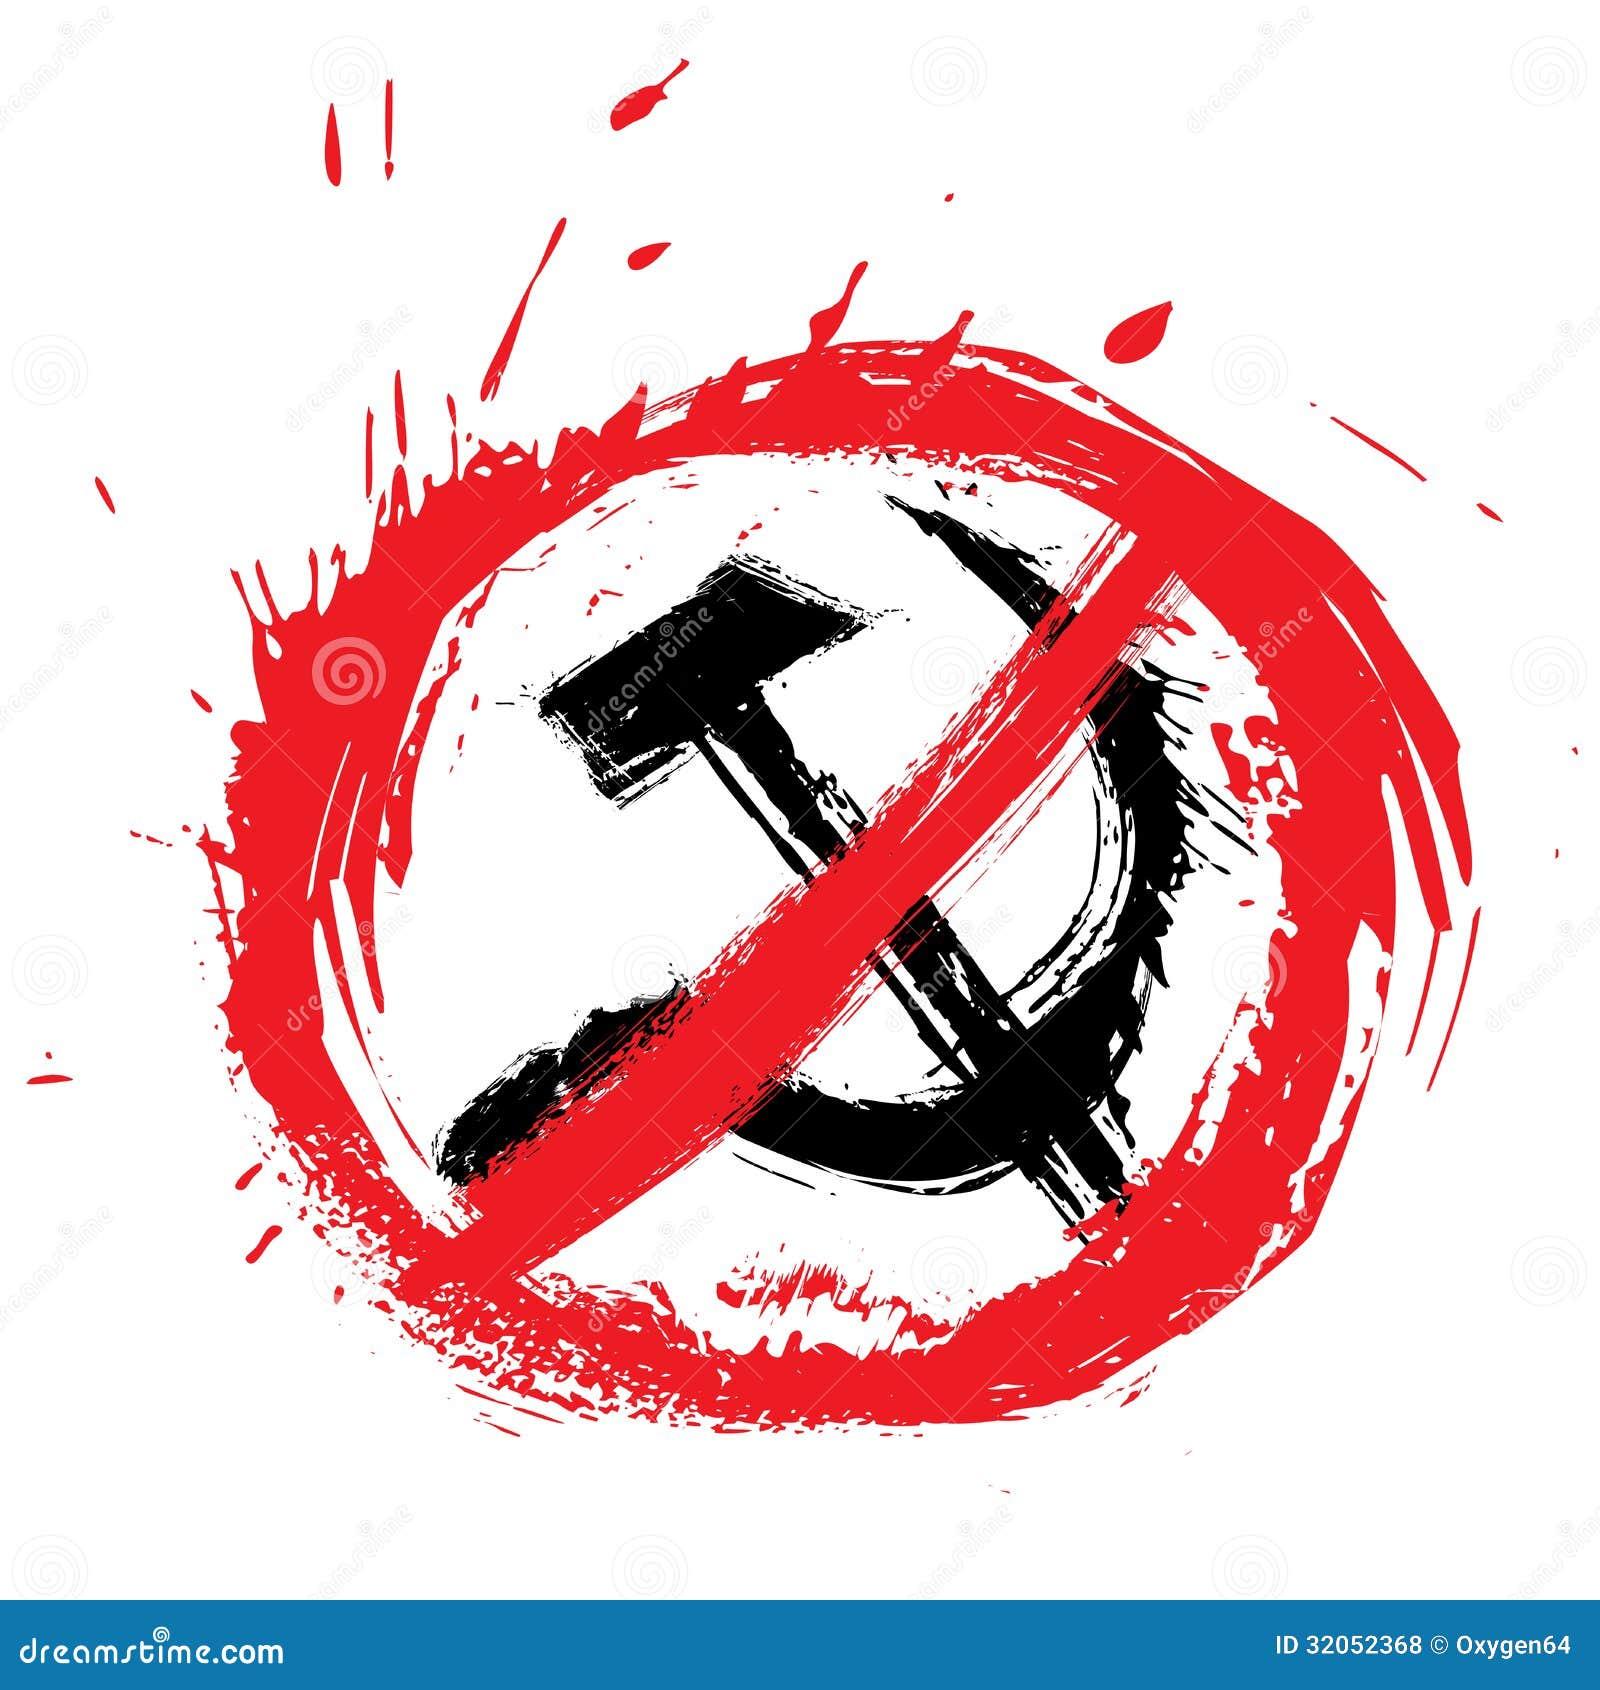 В СЕ и ОБСЕ считают, что закон о декоммунизации Украины не соответствует евростандартам - Цензор.НЕТ 5756